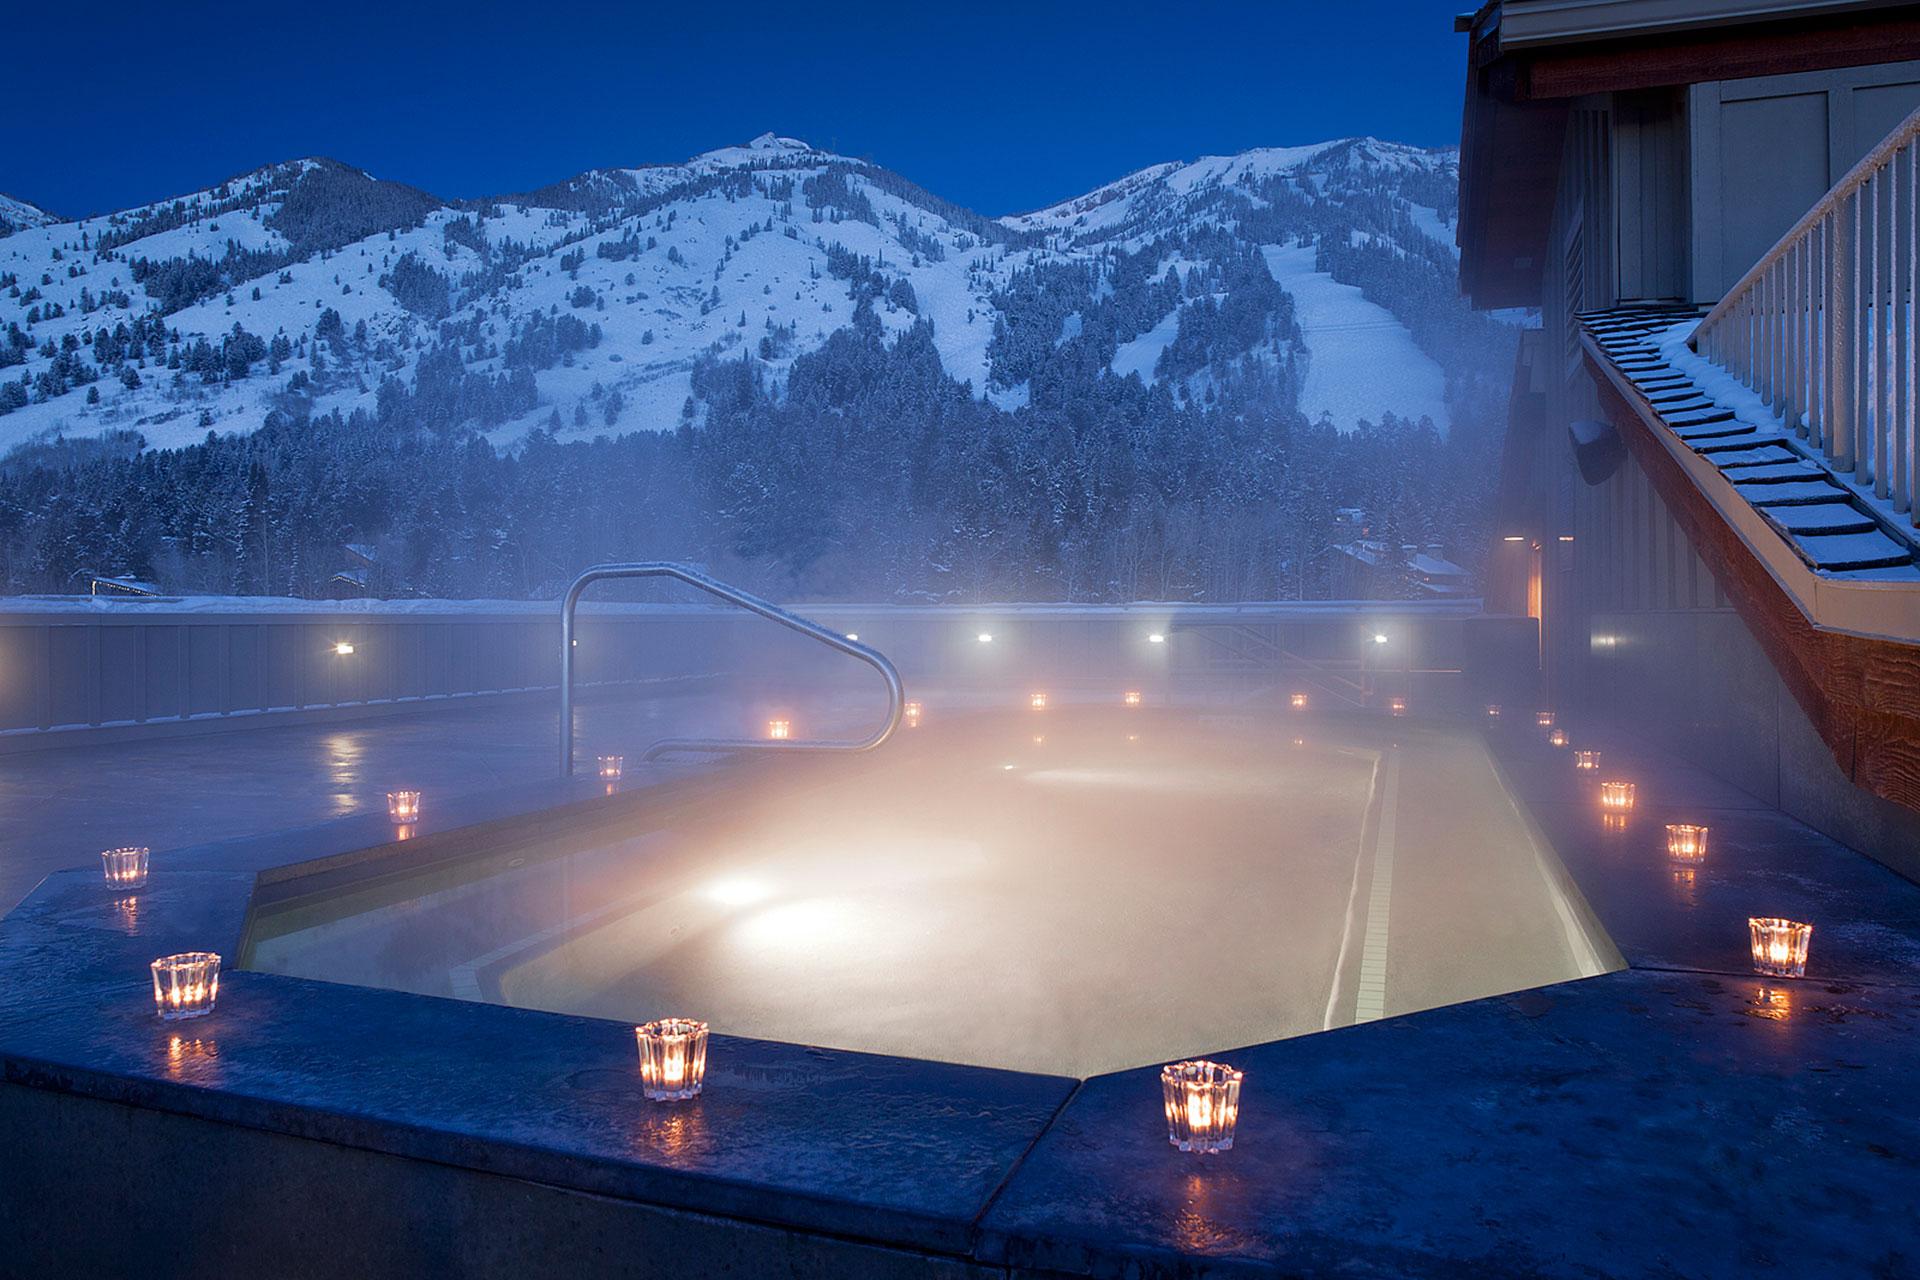 Hot Tub at Night at Teton Mountain Lodge & Spa; Courtesy of Teton Mountain Lodge & Spa